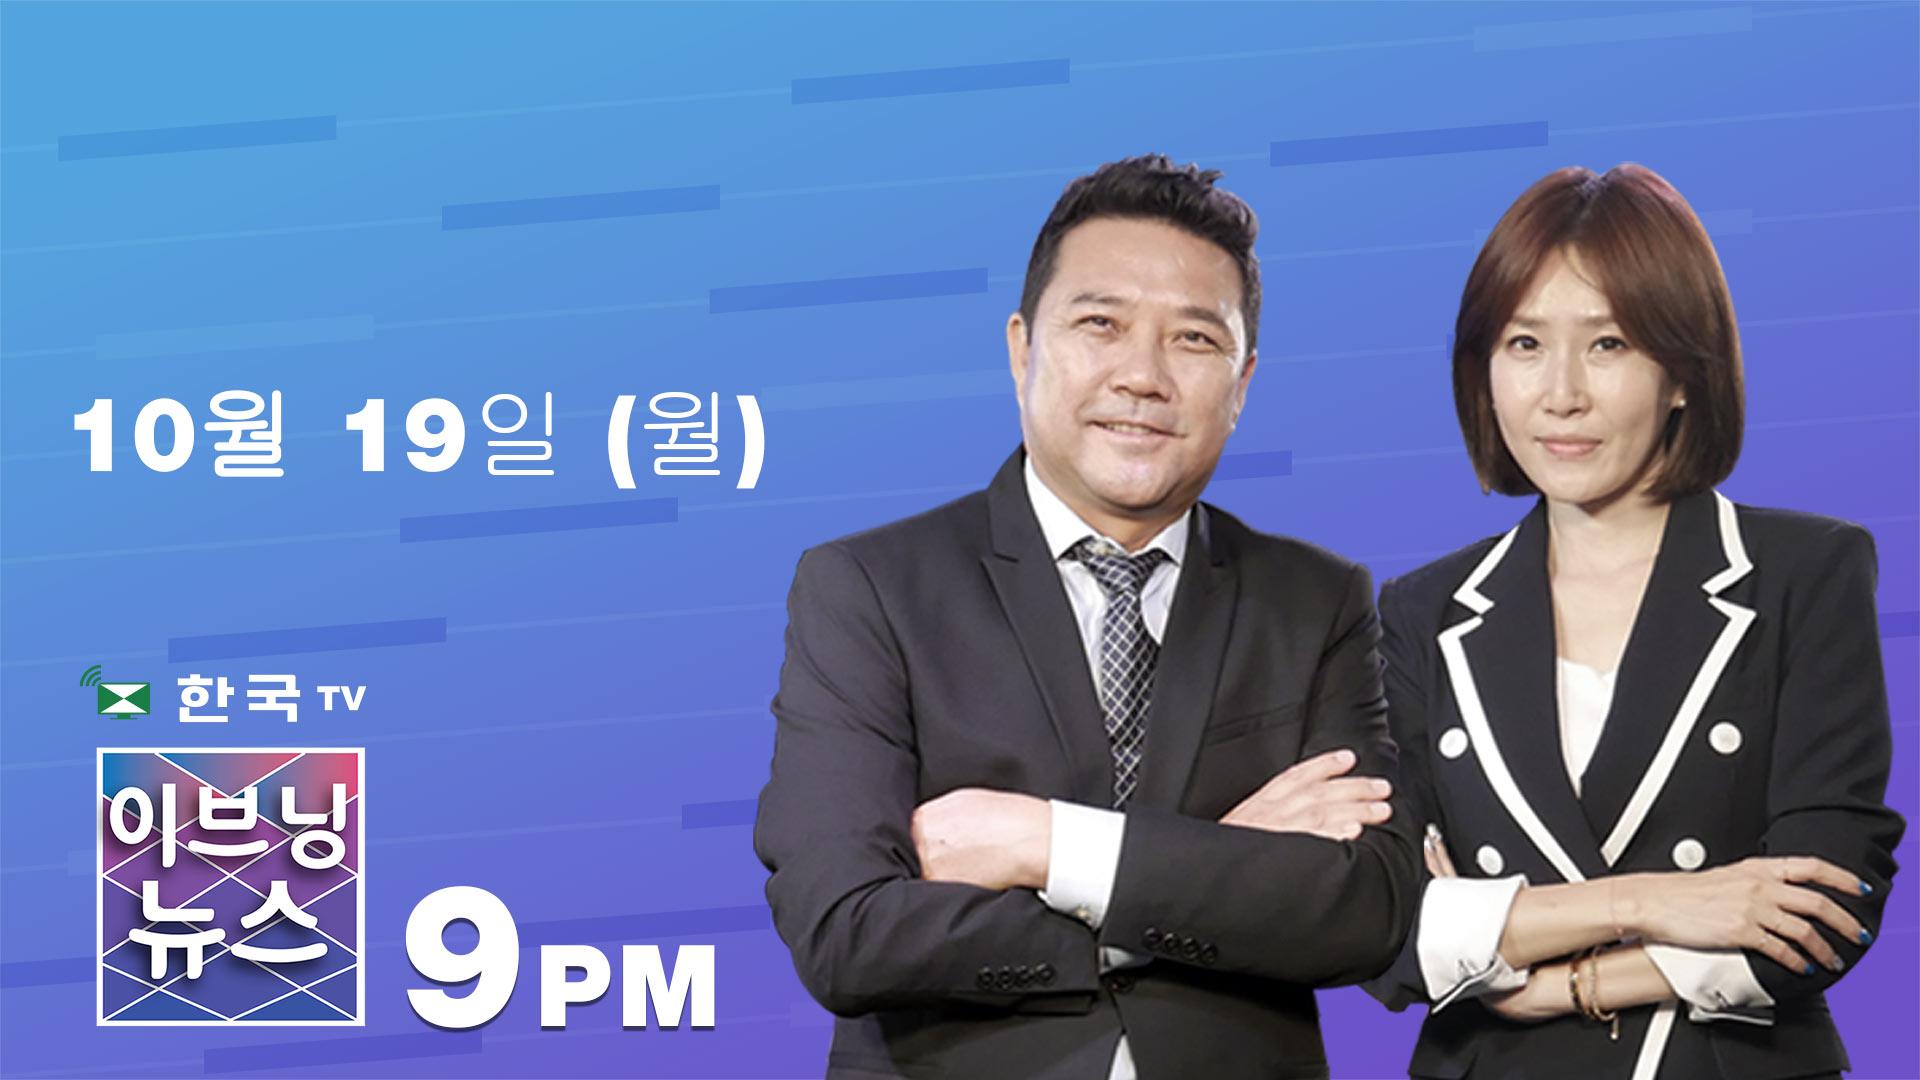 (10.19.2020) 한국TV 이브닝 뉴스